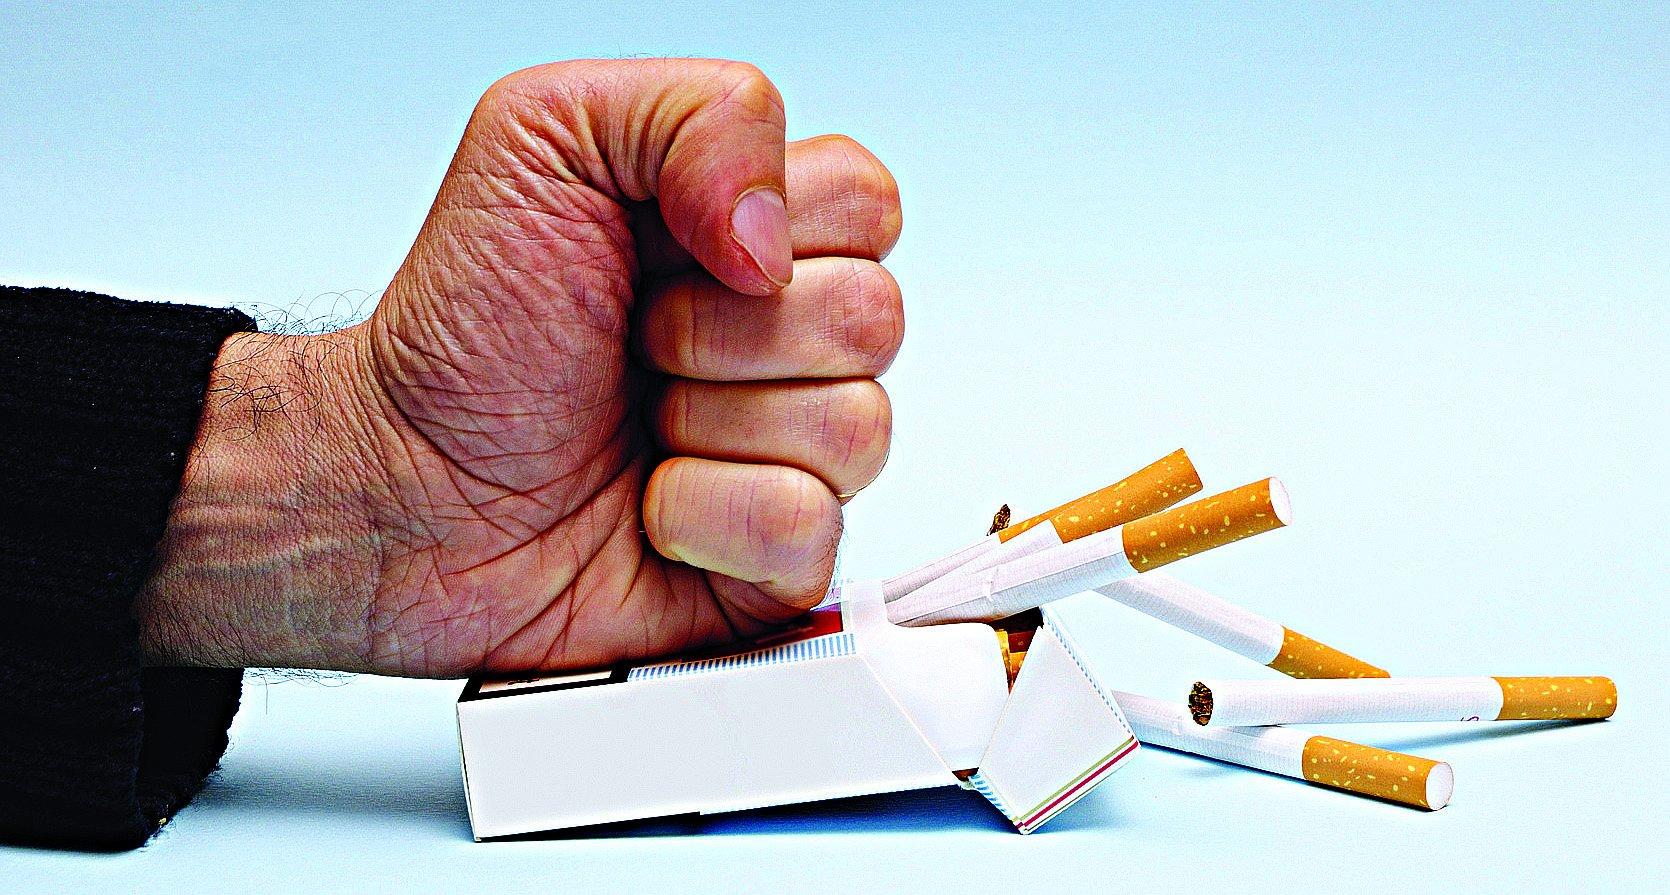 Сигареты по 240 рублей за пачку. Бросаем курить!